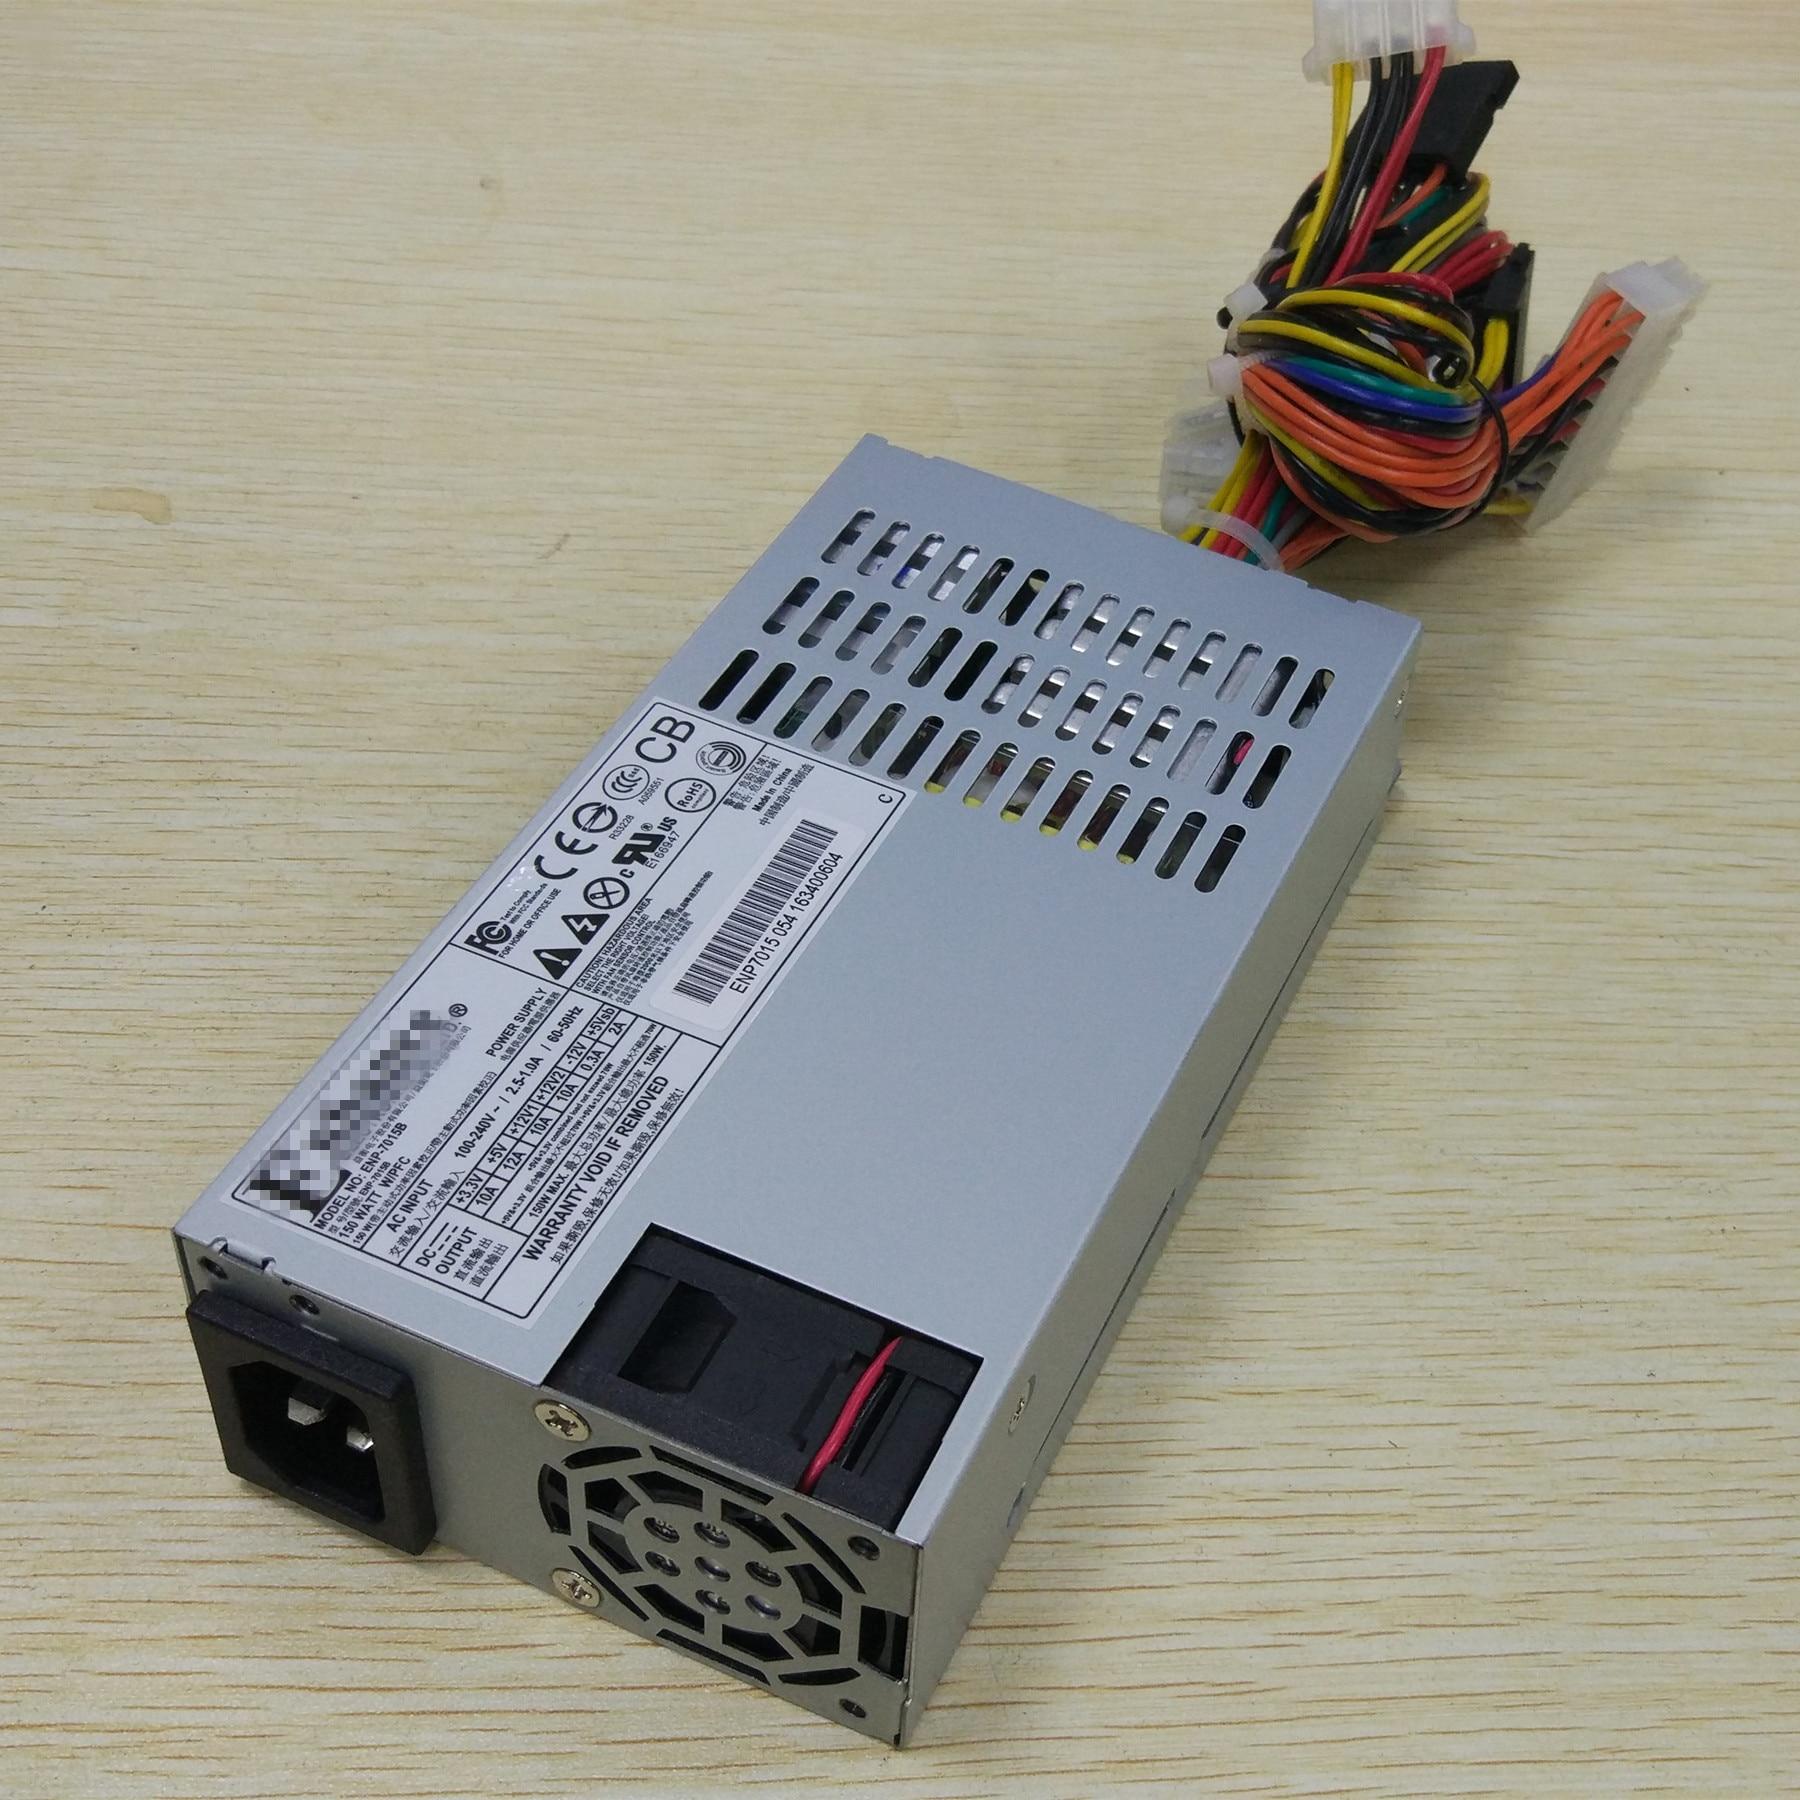 Fuente de alimentación de alta eficiencia PSU nominal 1U flex 150W servidor Industrial NAS chasis ENP7015B bajo ruido activo PFC 100-240V